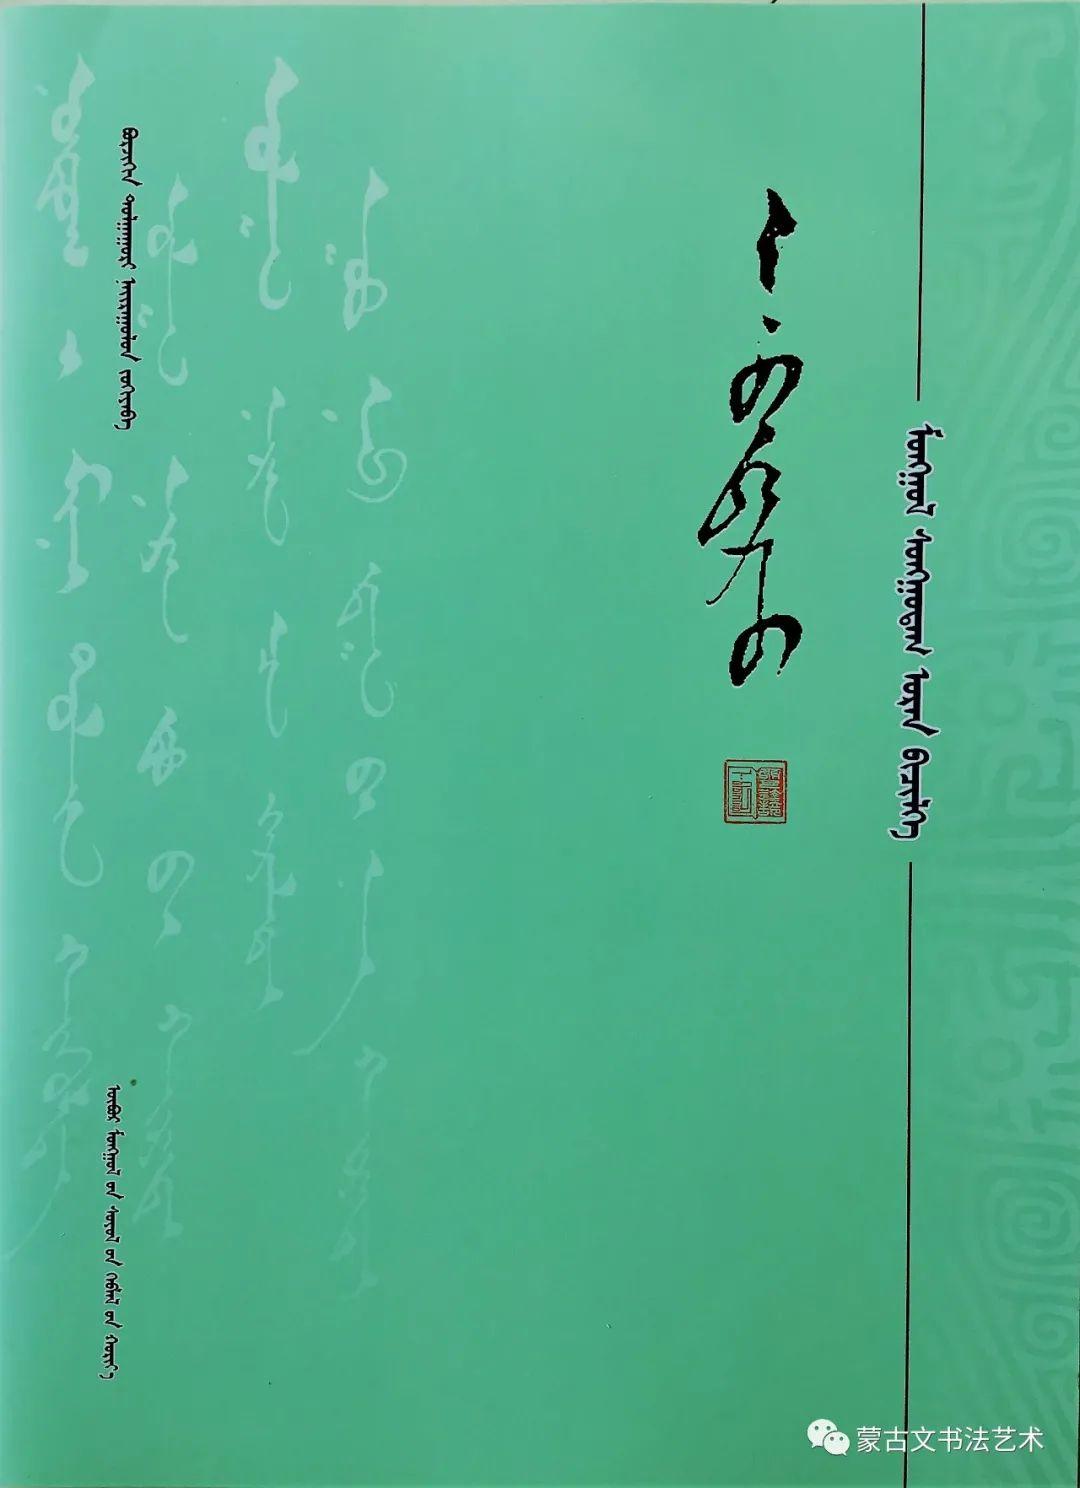 包宝柱《蒙古文经典书法》 第7张 包宝柱《蒙古文经典书法》 蒙古书法